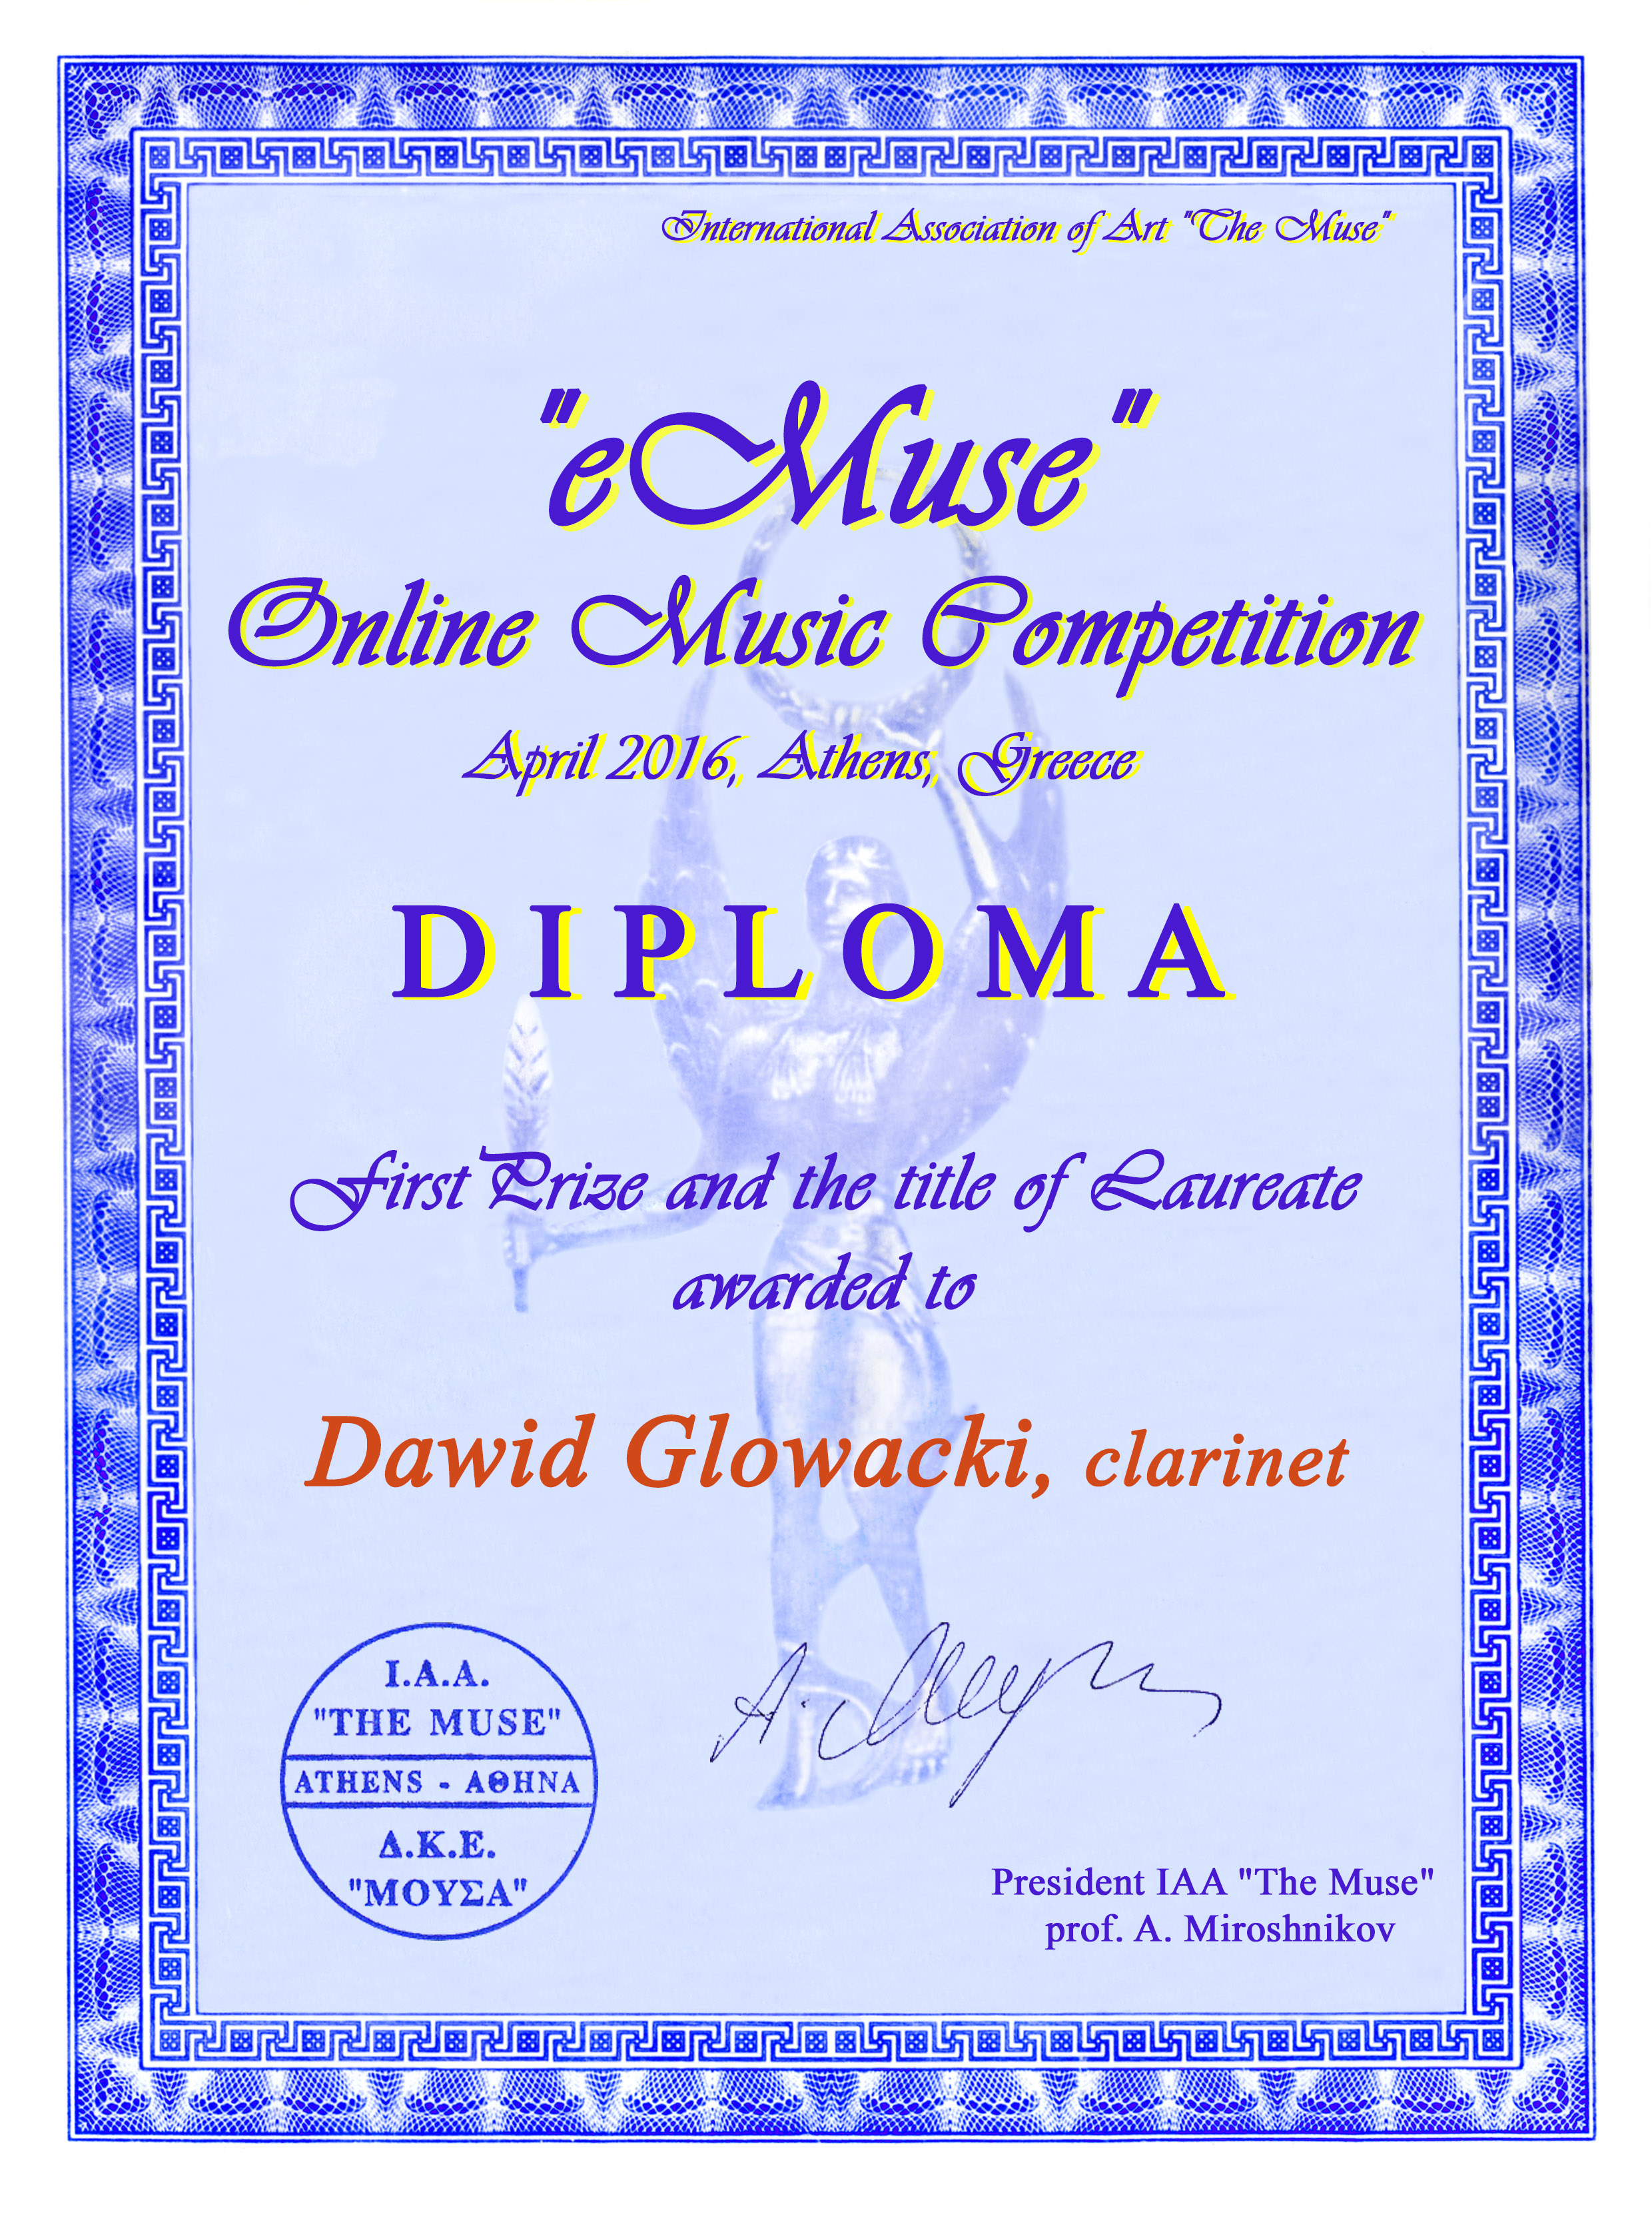 eMuse_I miejsce_Dawid Głowacki